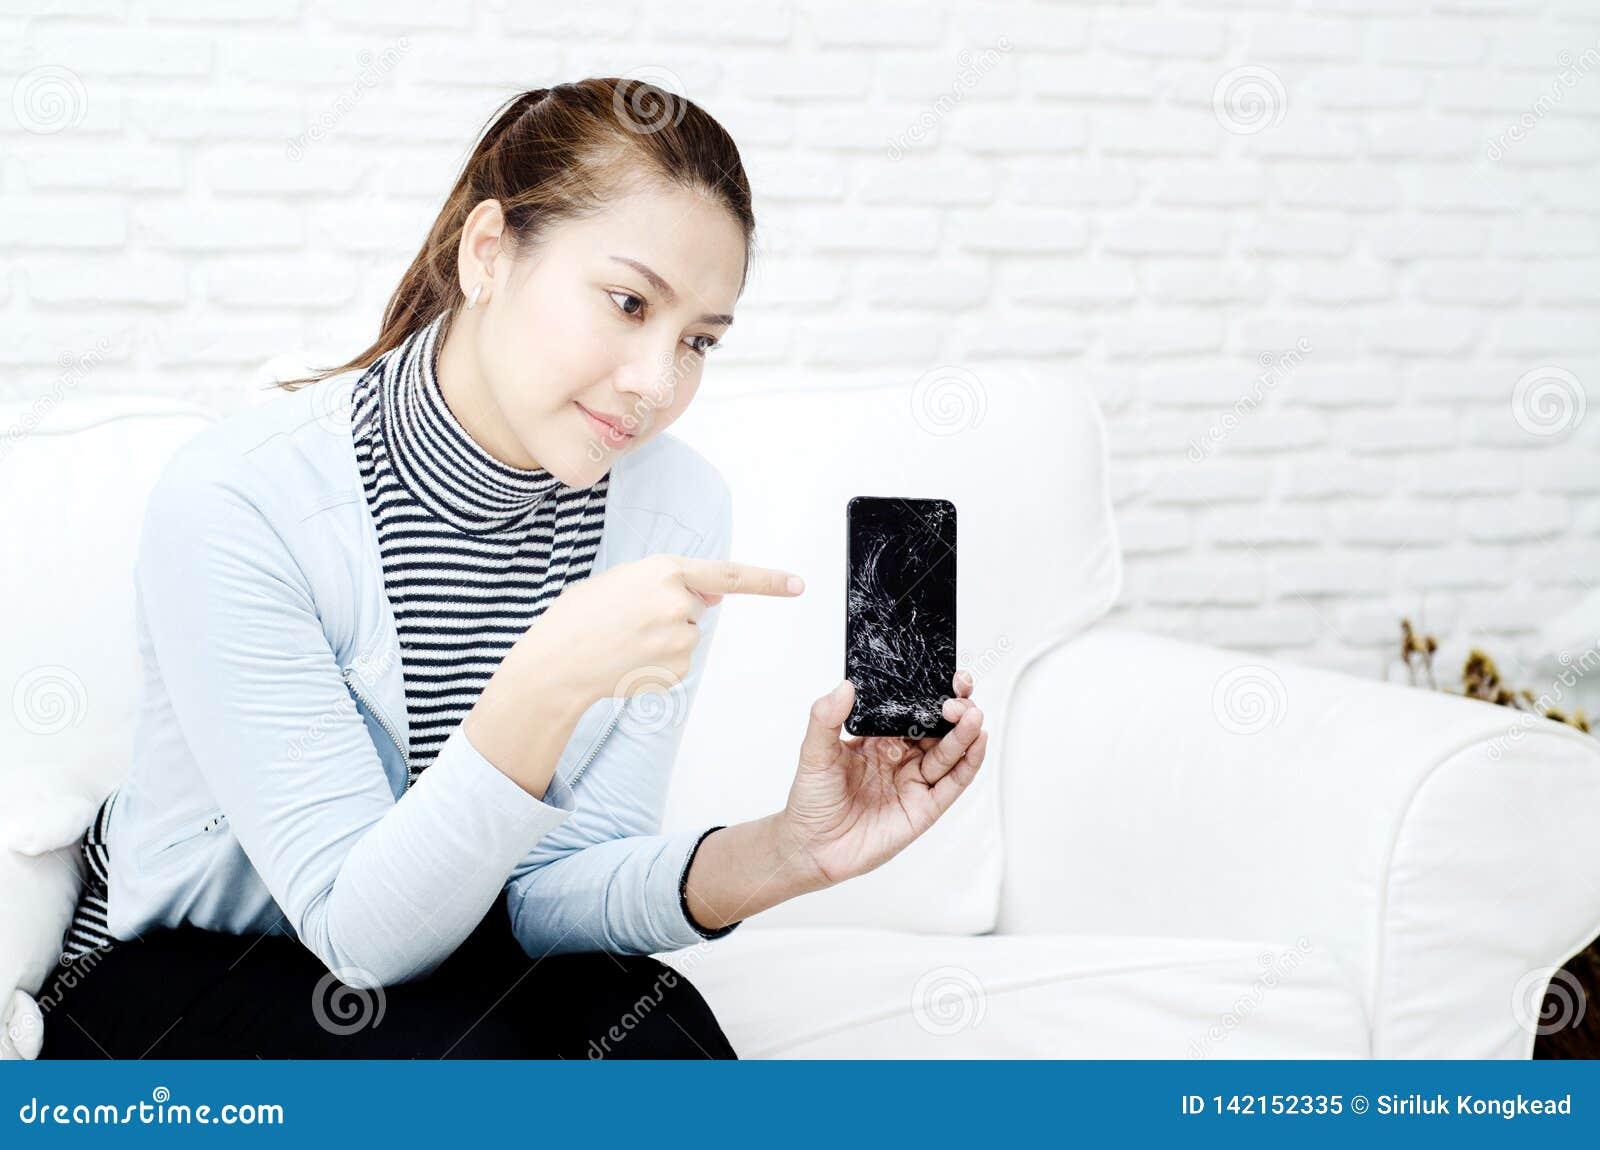 The broken mobile phone is in the hands of women.